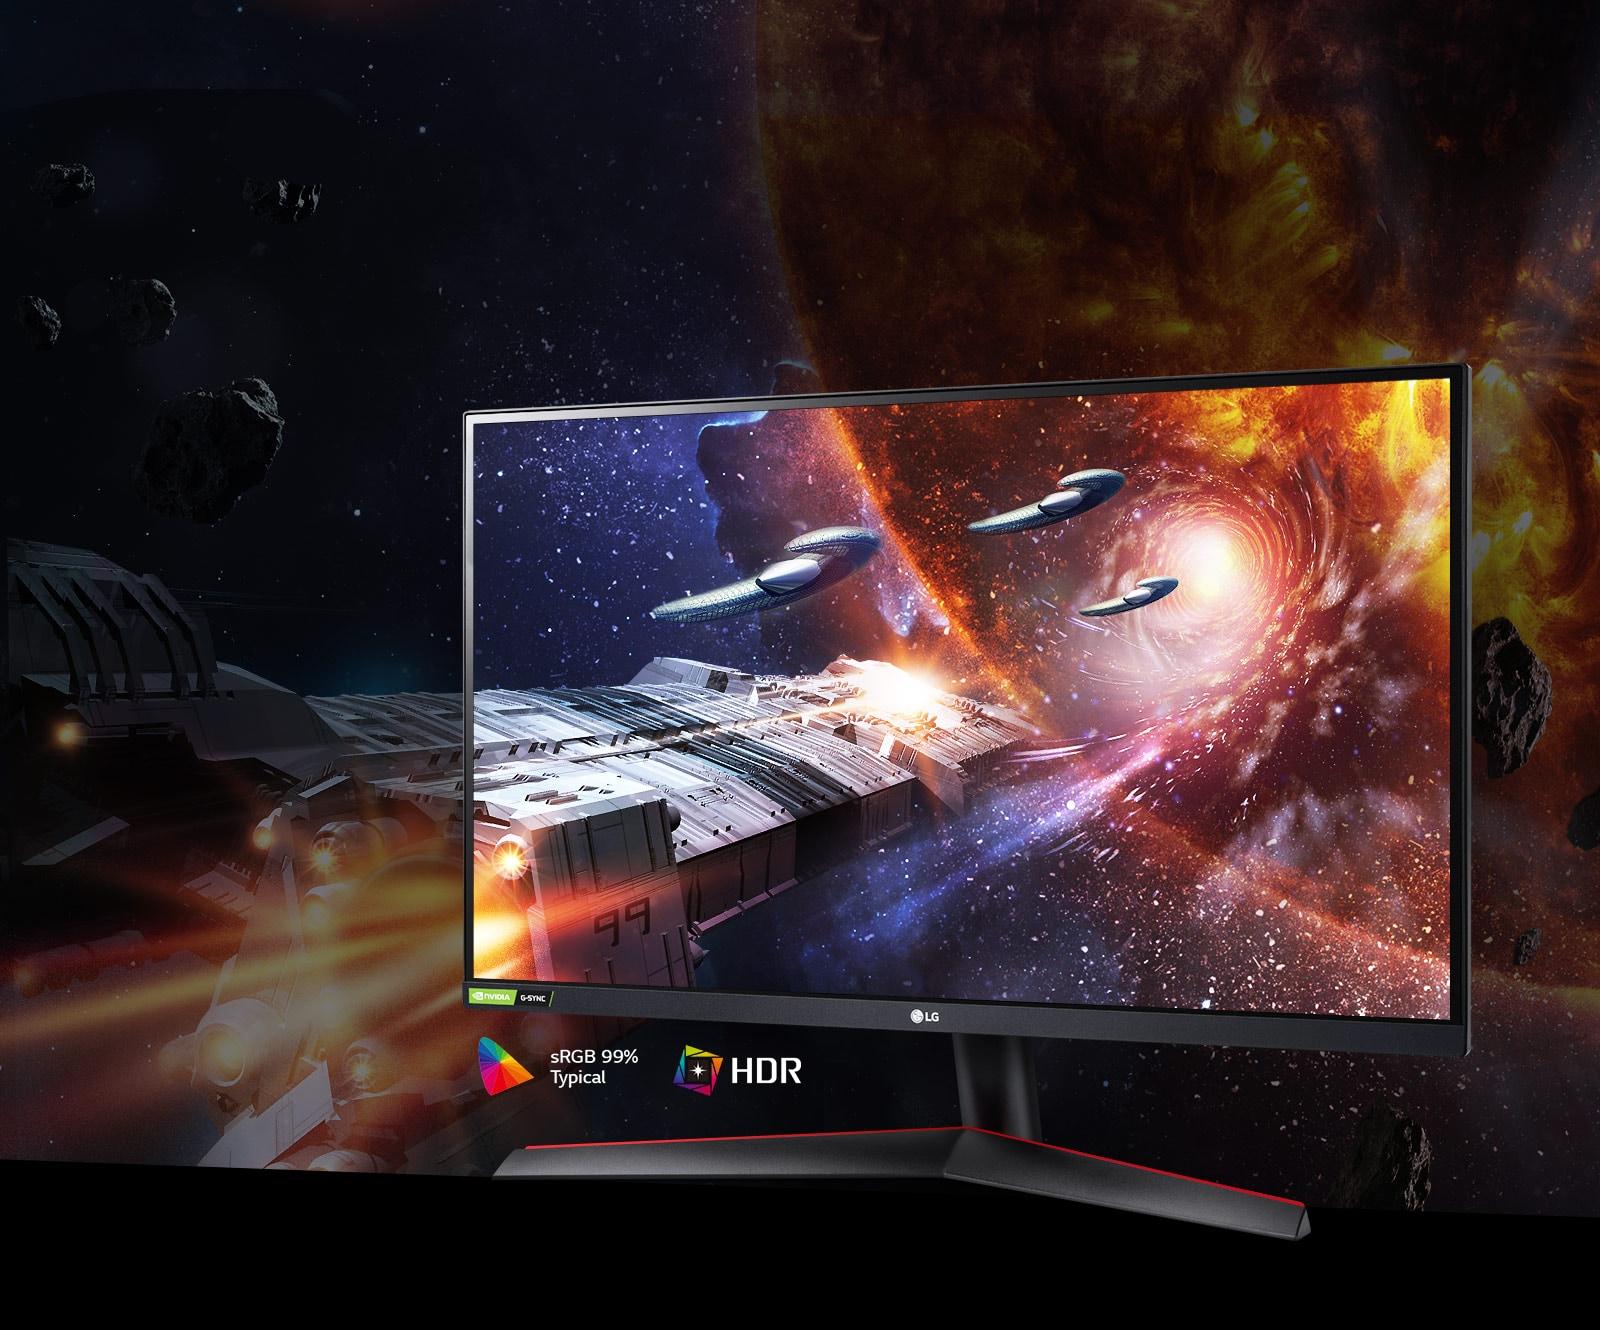 Cảnh game với màu sắc và độ tương phản phong phú trên màn hình hỗ trợ HDR10 với sRGB 99% (Thông thường)